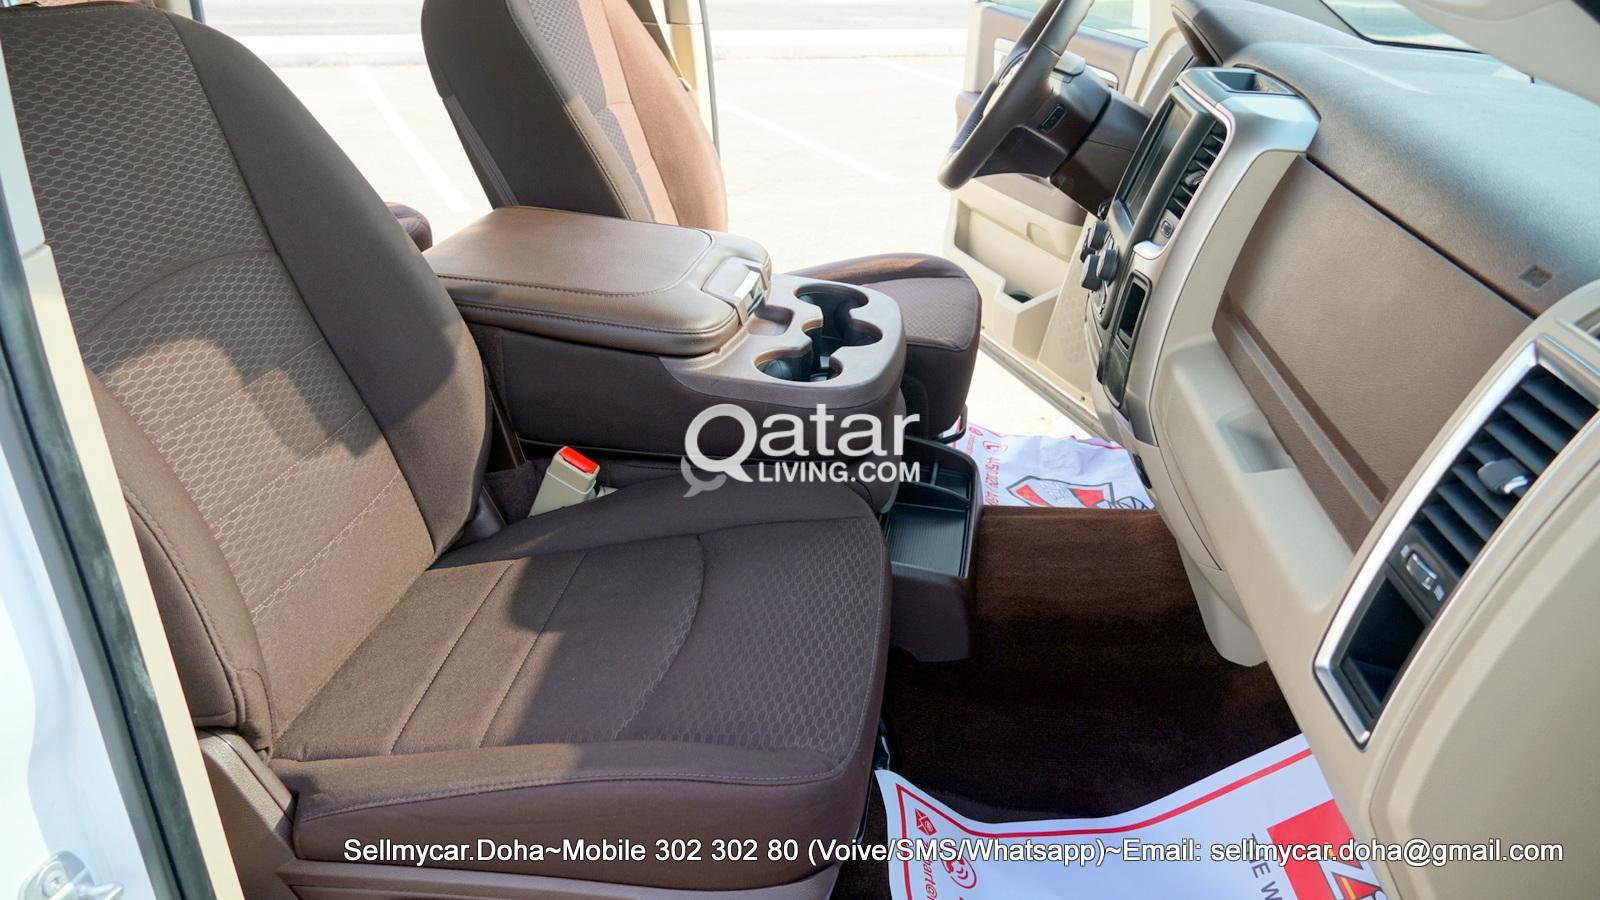 2017 Ram 1500 SLT Crew Cab 4X4 (More Photos Availa